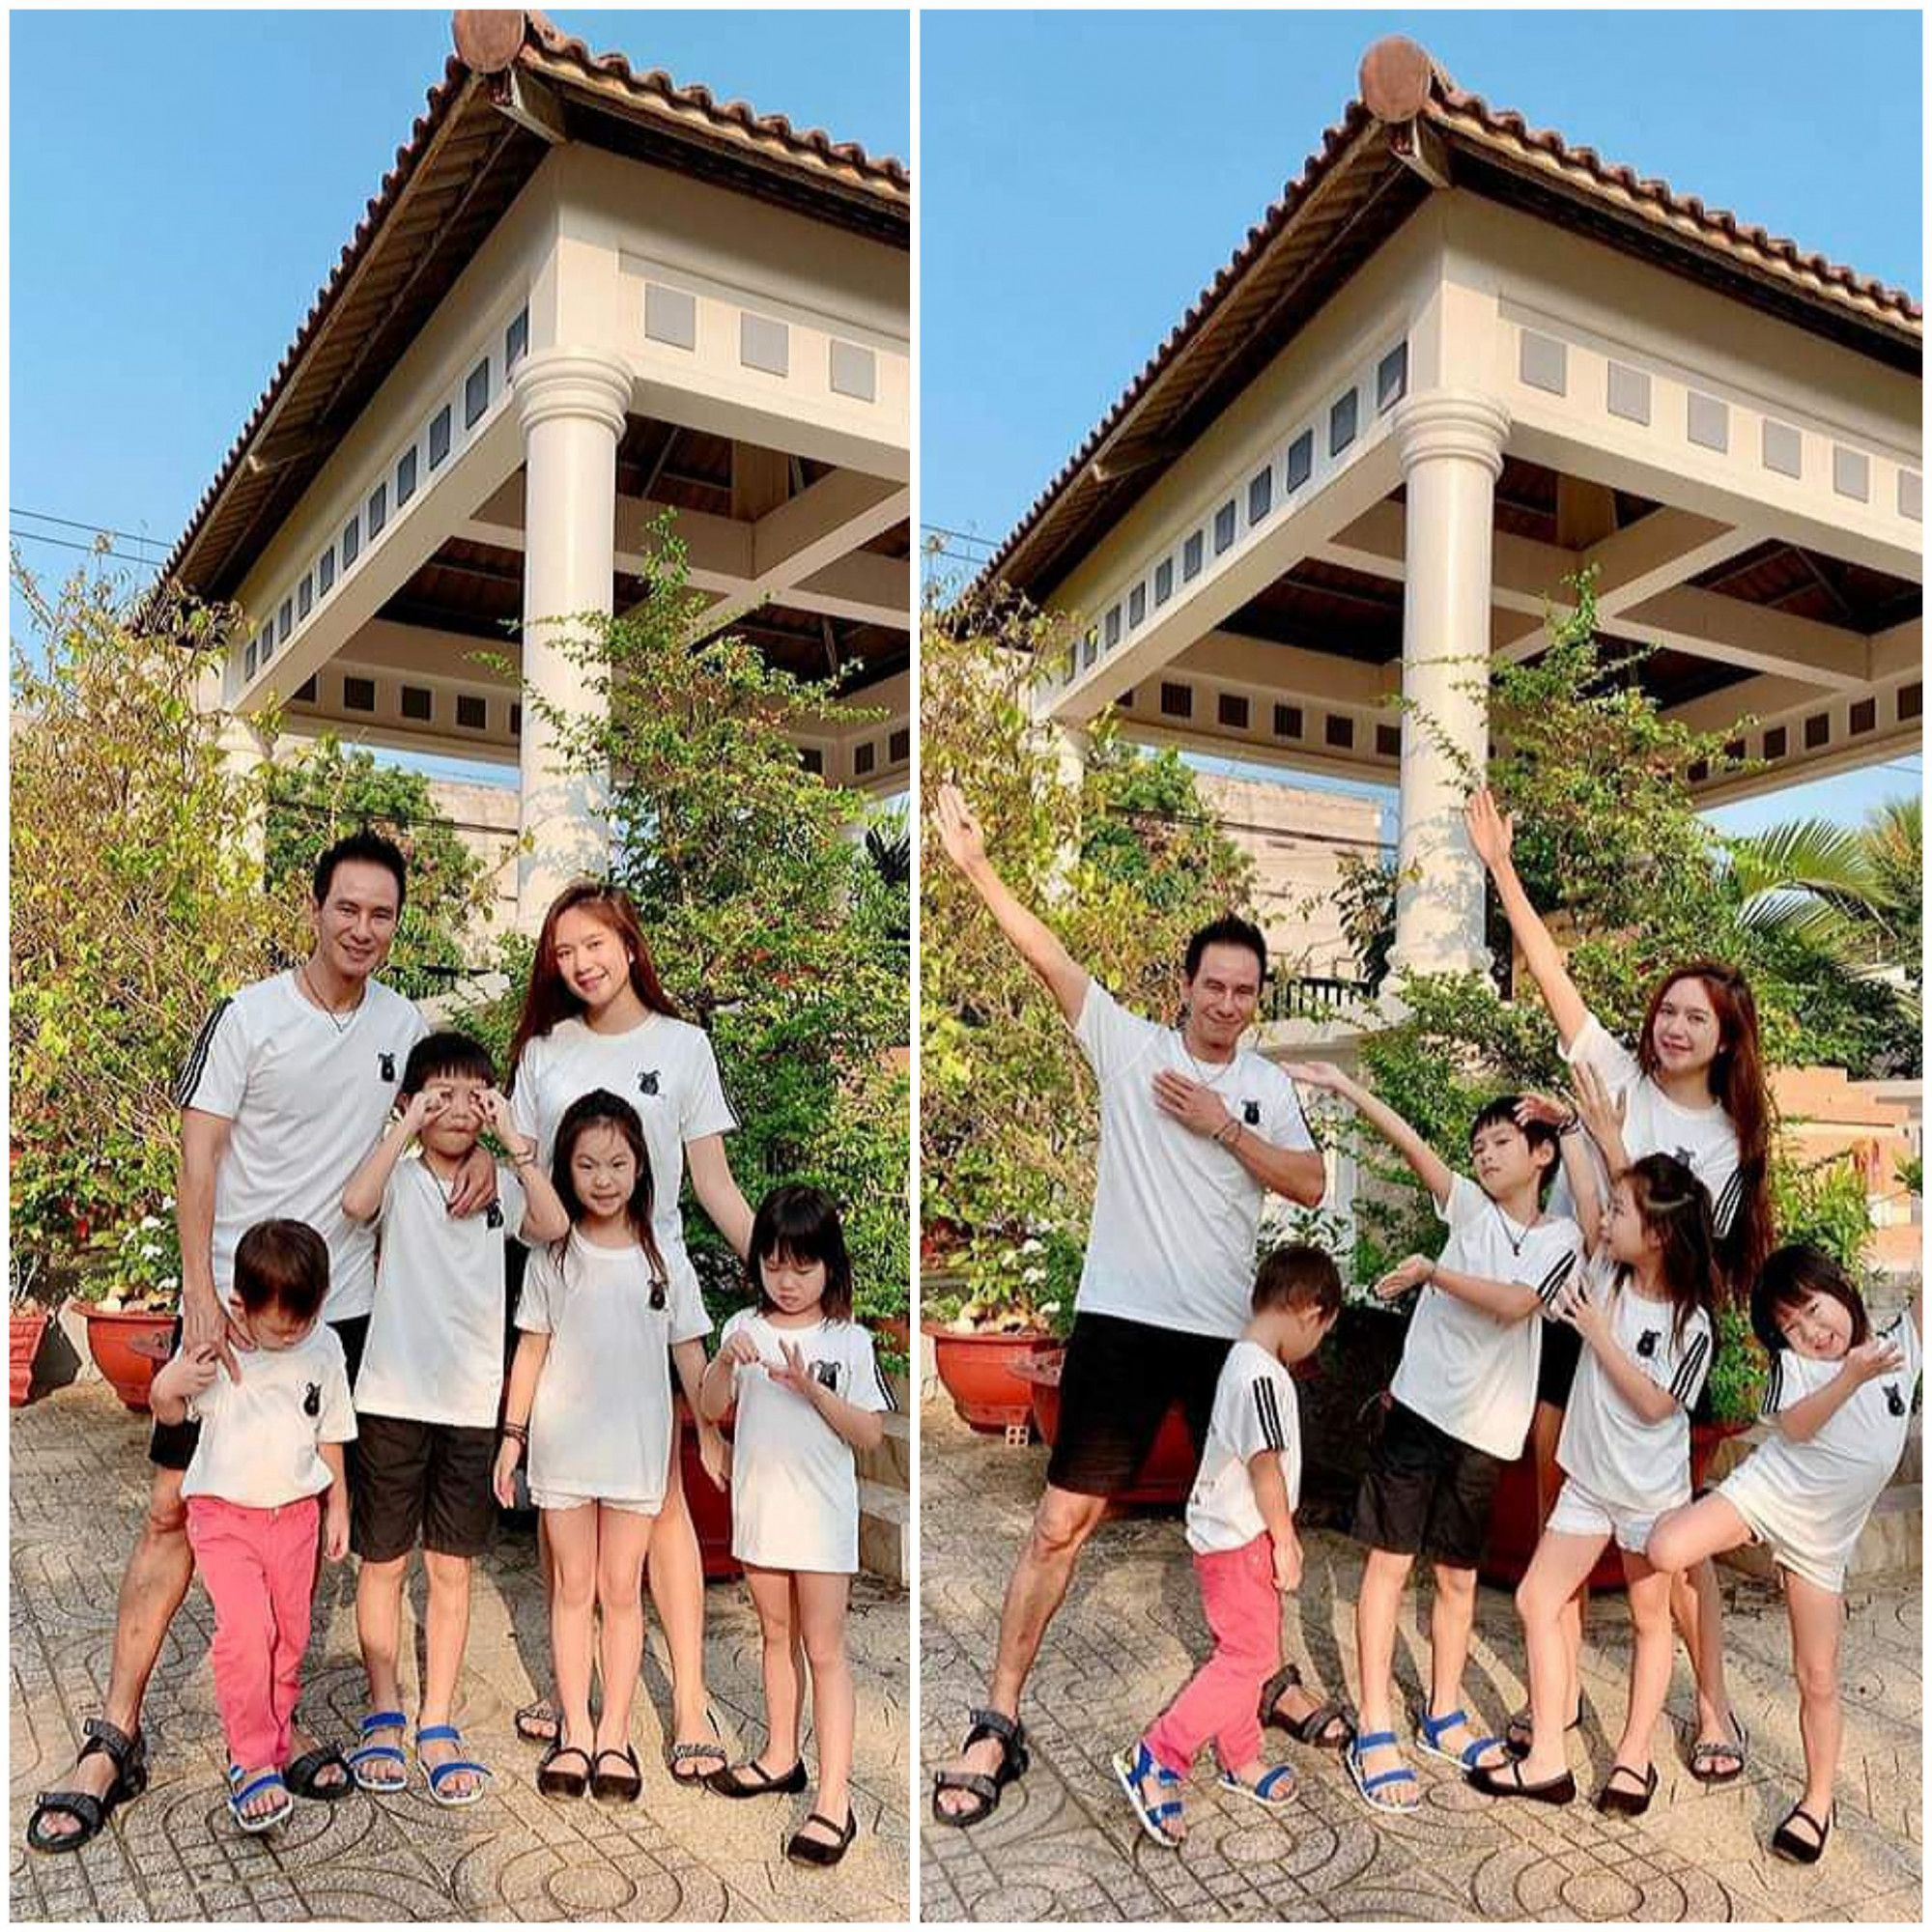 Vợ chồng ca sĩ Lý Hải - Minh Hà đưa các con về Tiền Giang đón tết. Nam ca sĩ hướng dẫn các con tảo mộ, trò chuyện cùng người thân và không quên lưu giữ những khoảnh khắc đáng nhớ bên gia đình.